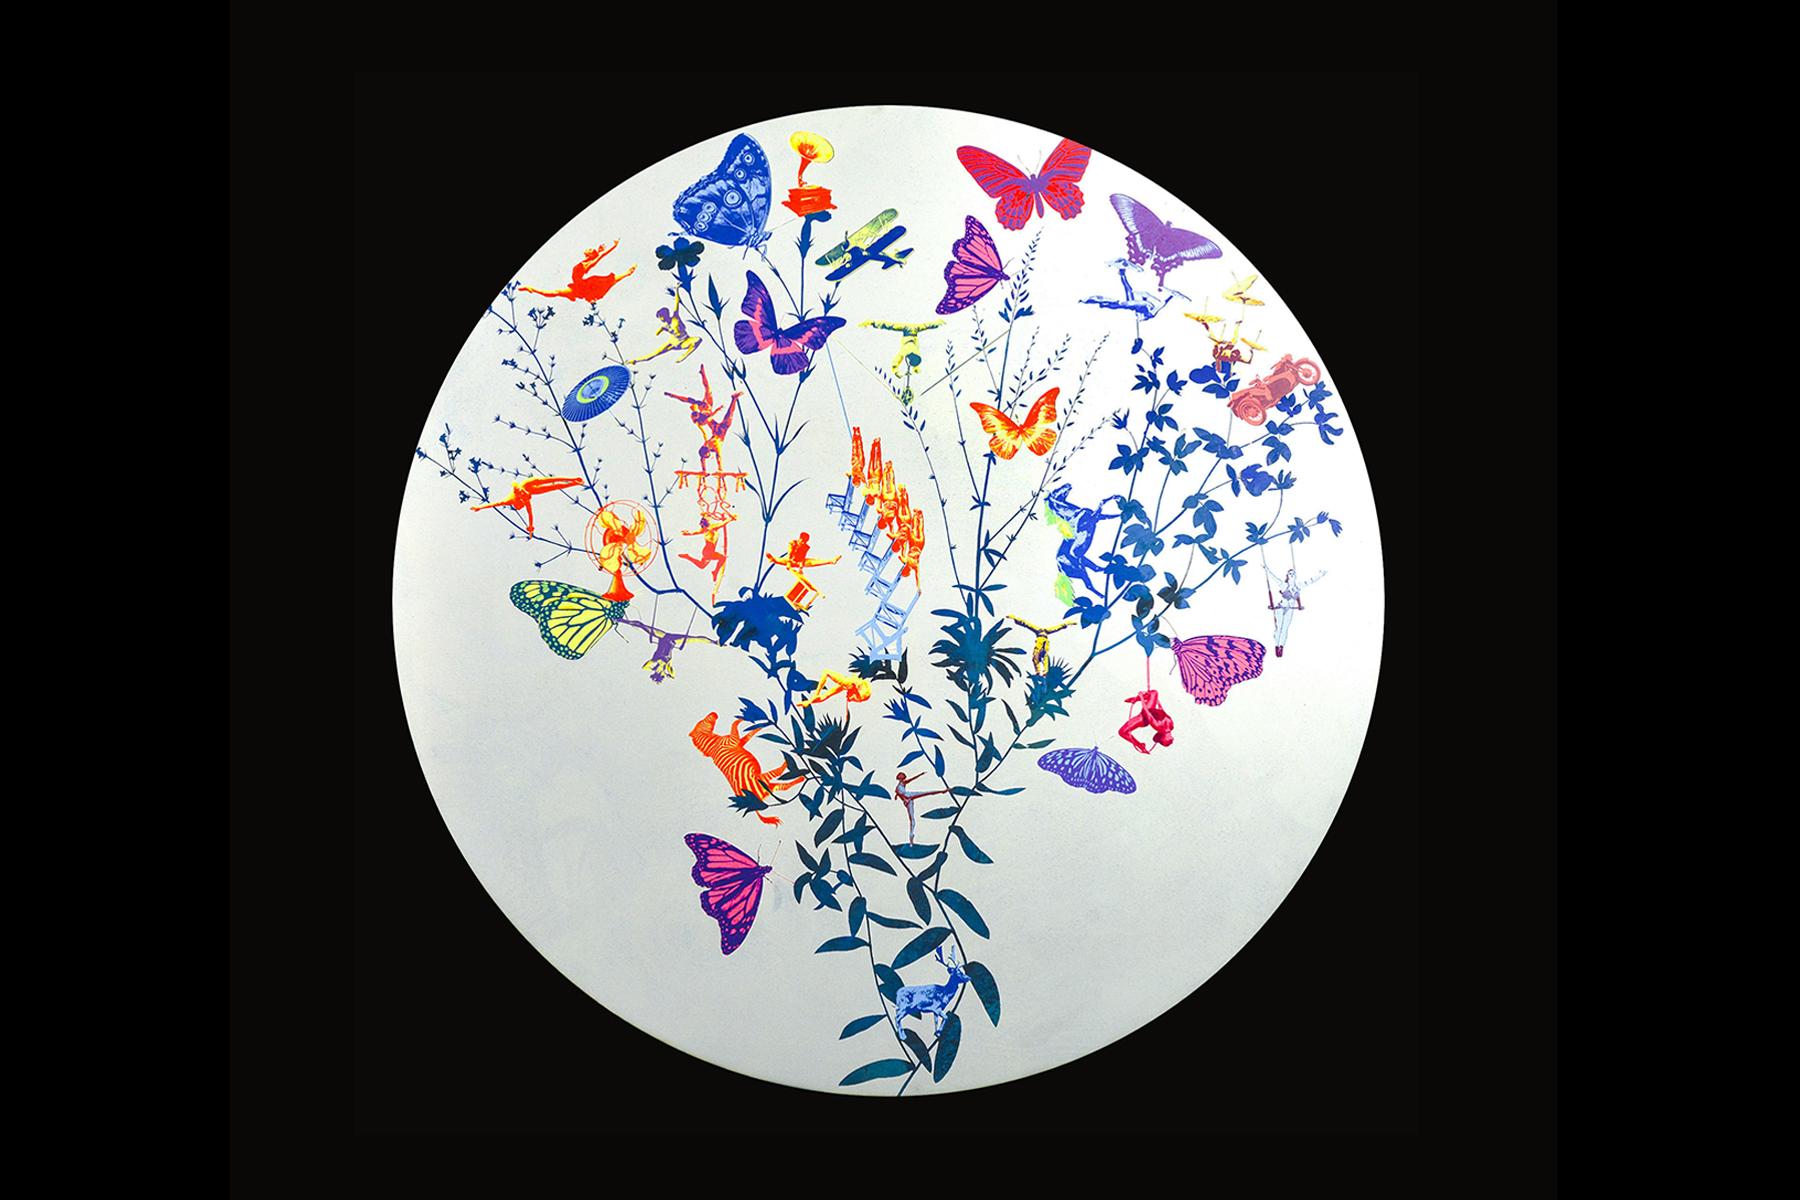 """SHANGHAI TANG: Jacky Tsai Cultivates """"A Garden of Vibrant Dreams"""""""